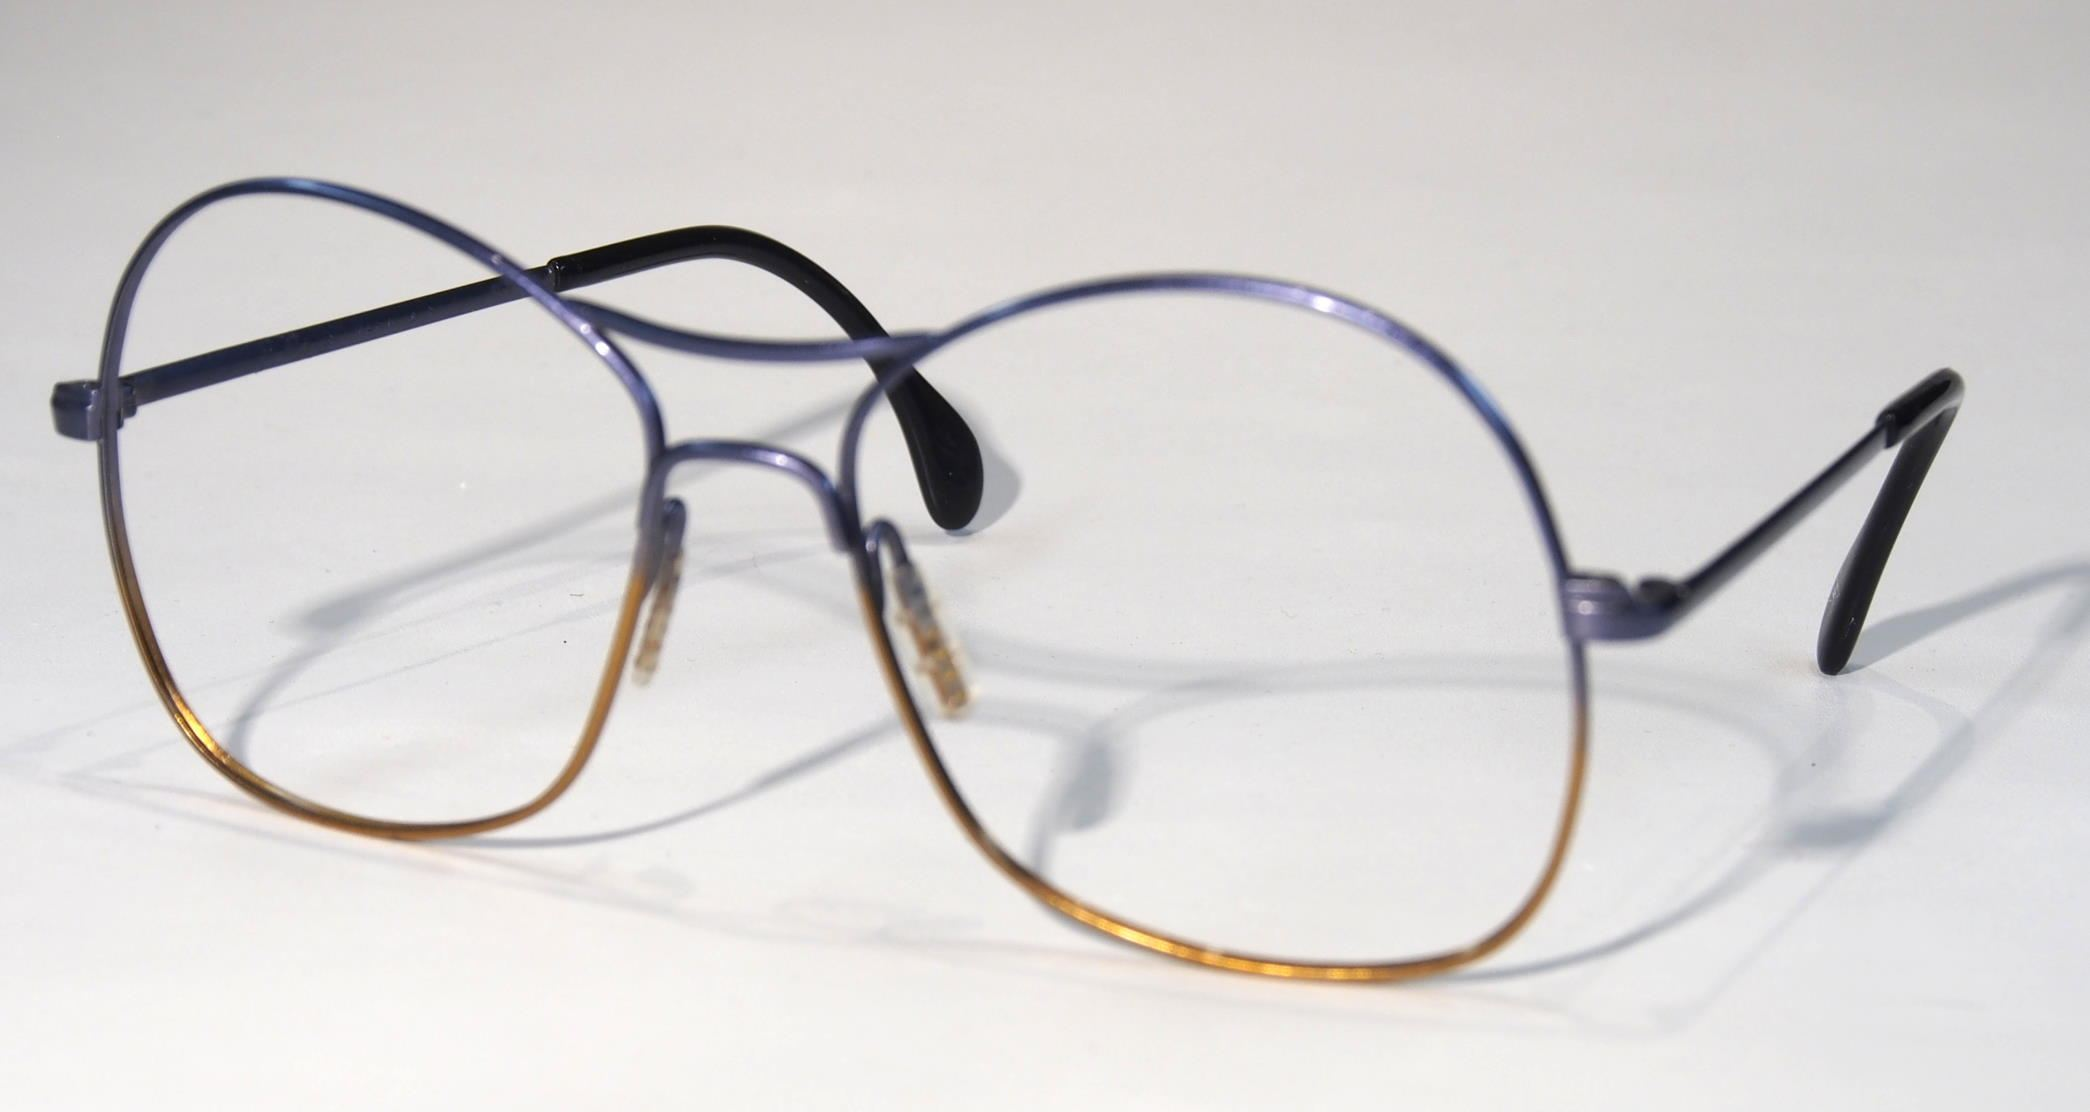 Vintagebrille 90er Jahre, Modell Marwitz 6157